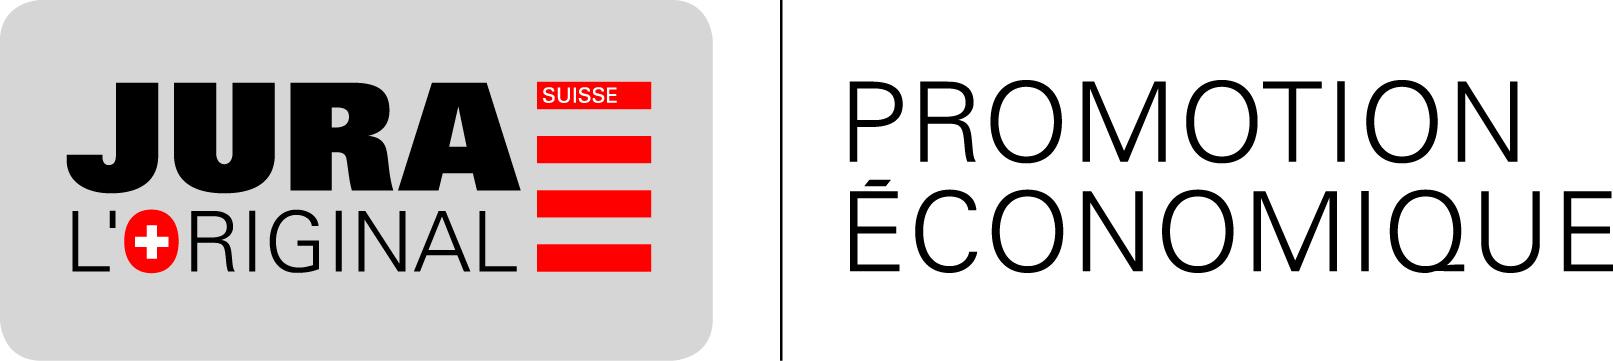 Jura_Promotion_Economique_Logo